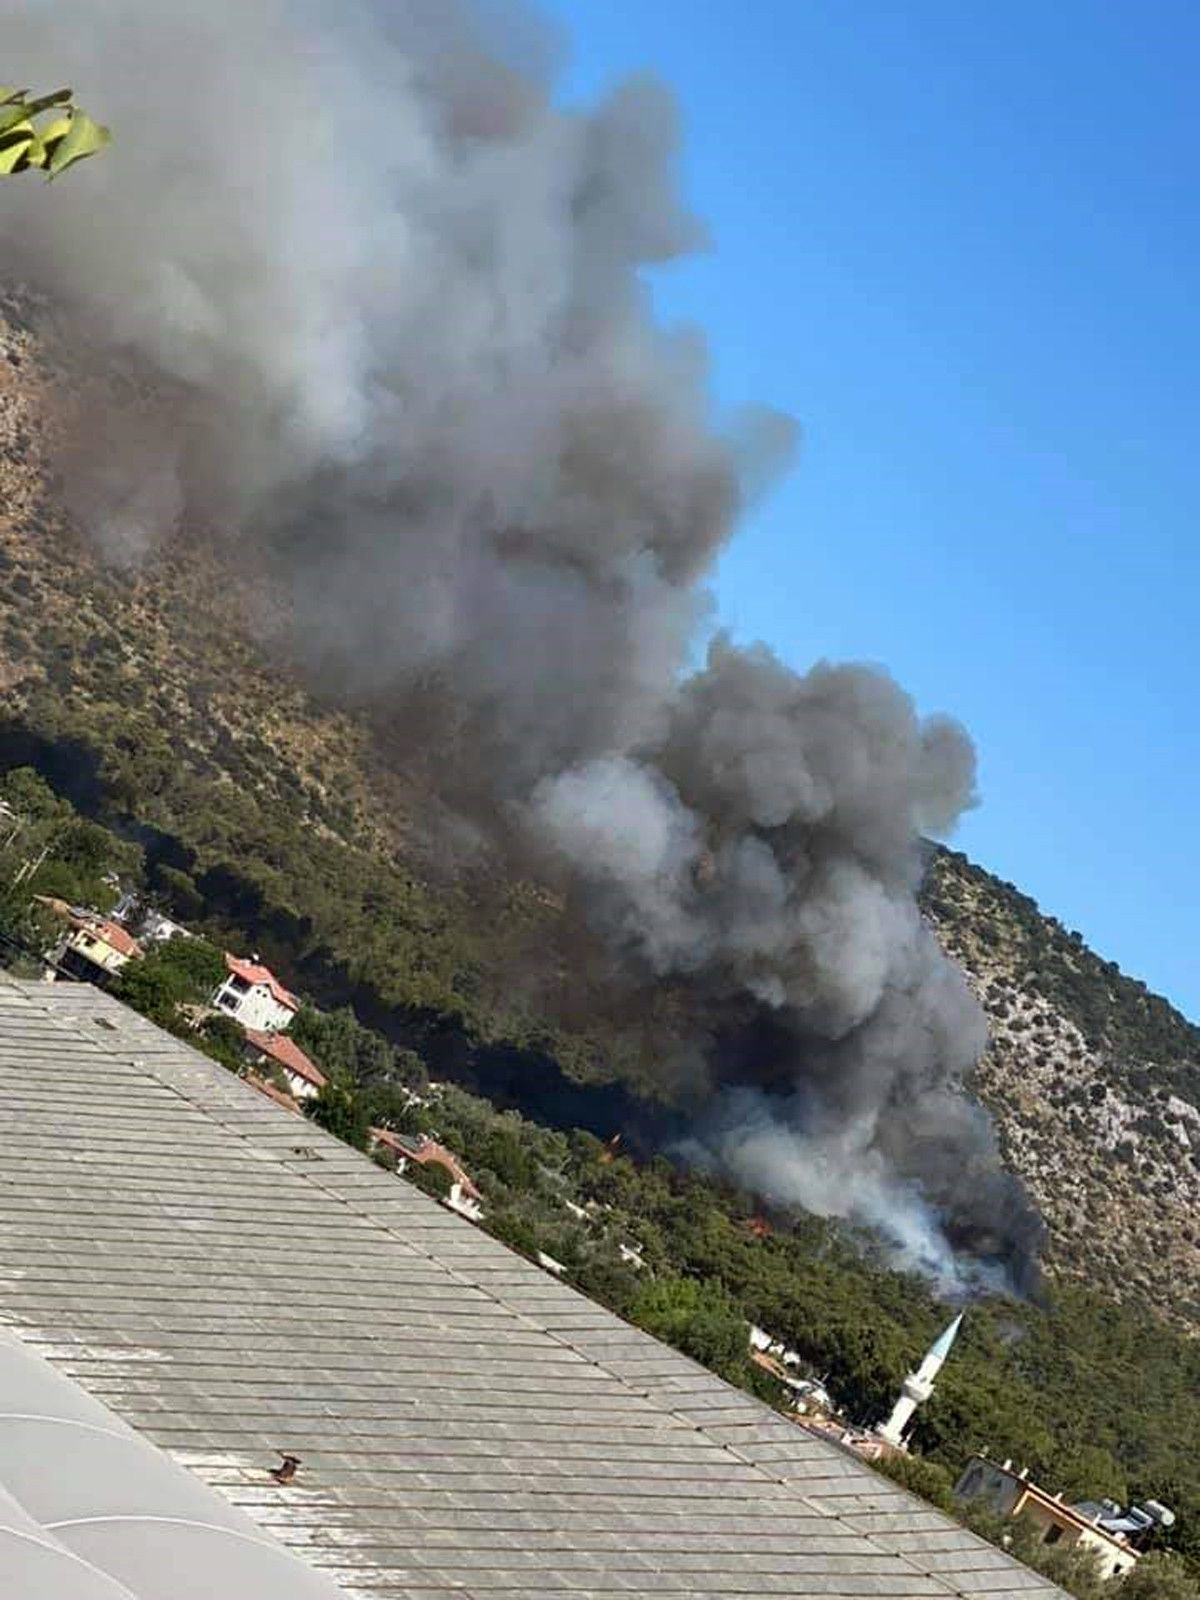 Seydikemer de çıkan orman yangınında 1 hektar alan zarar gördü #5